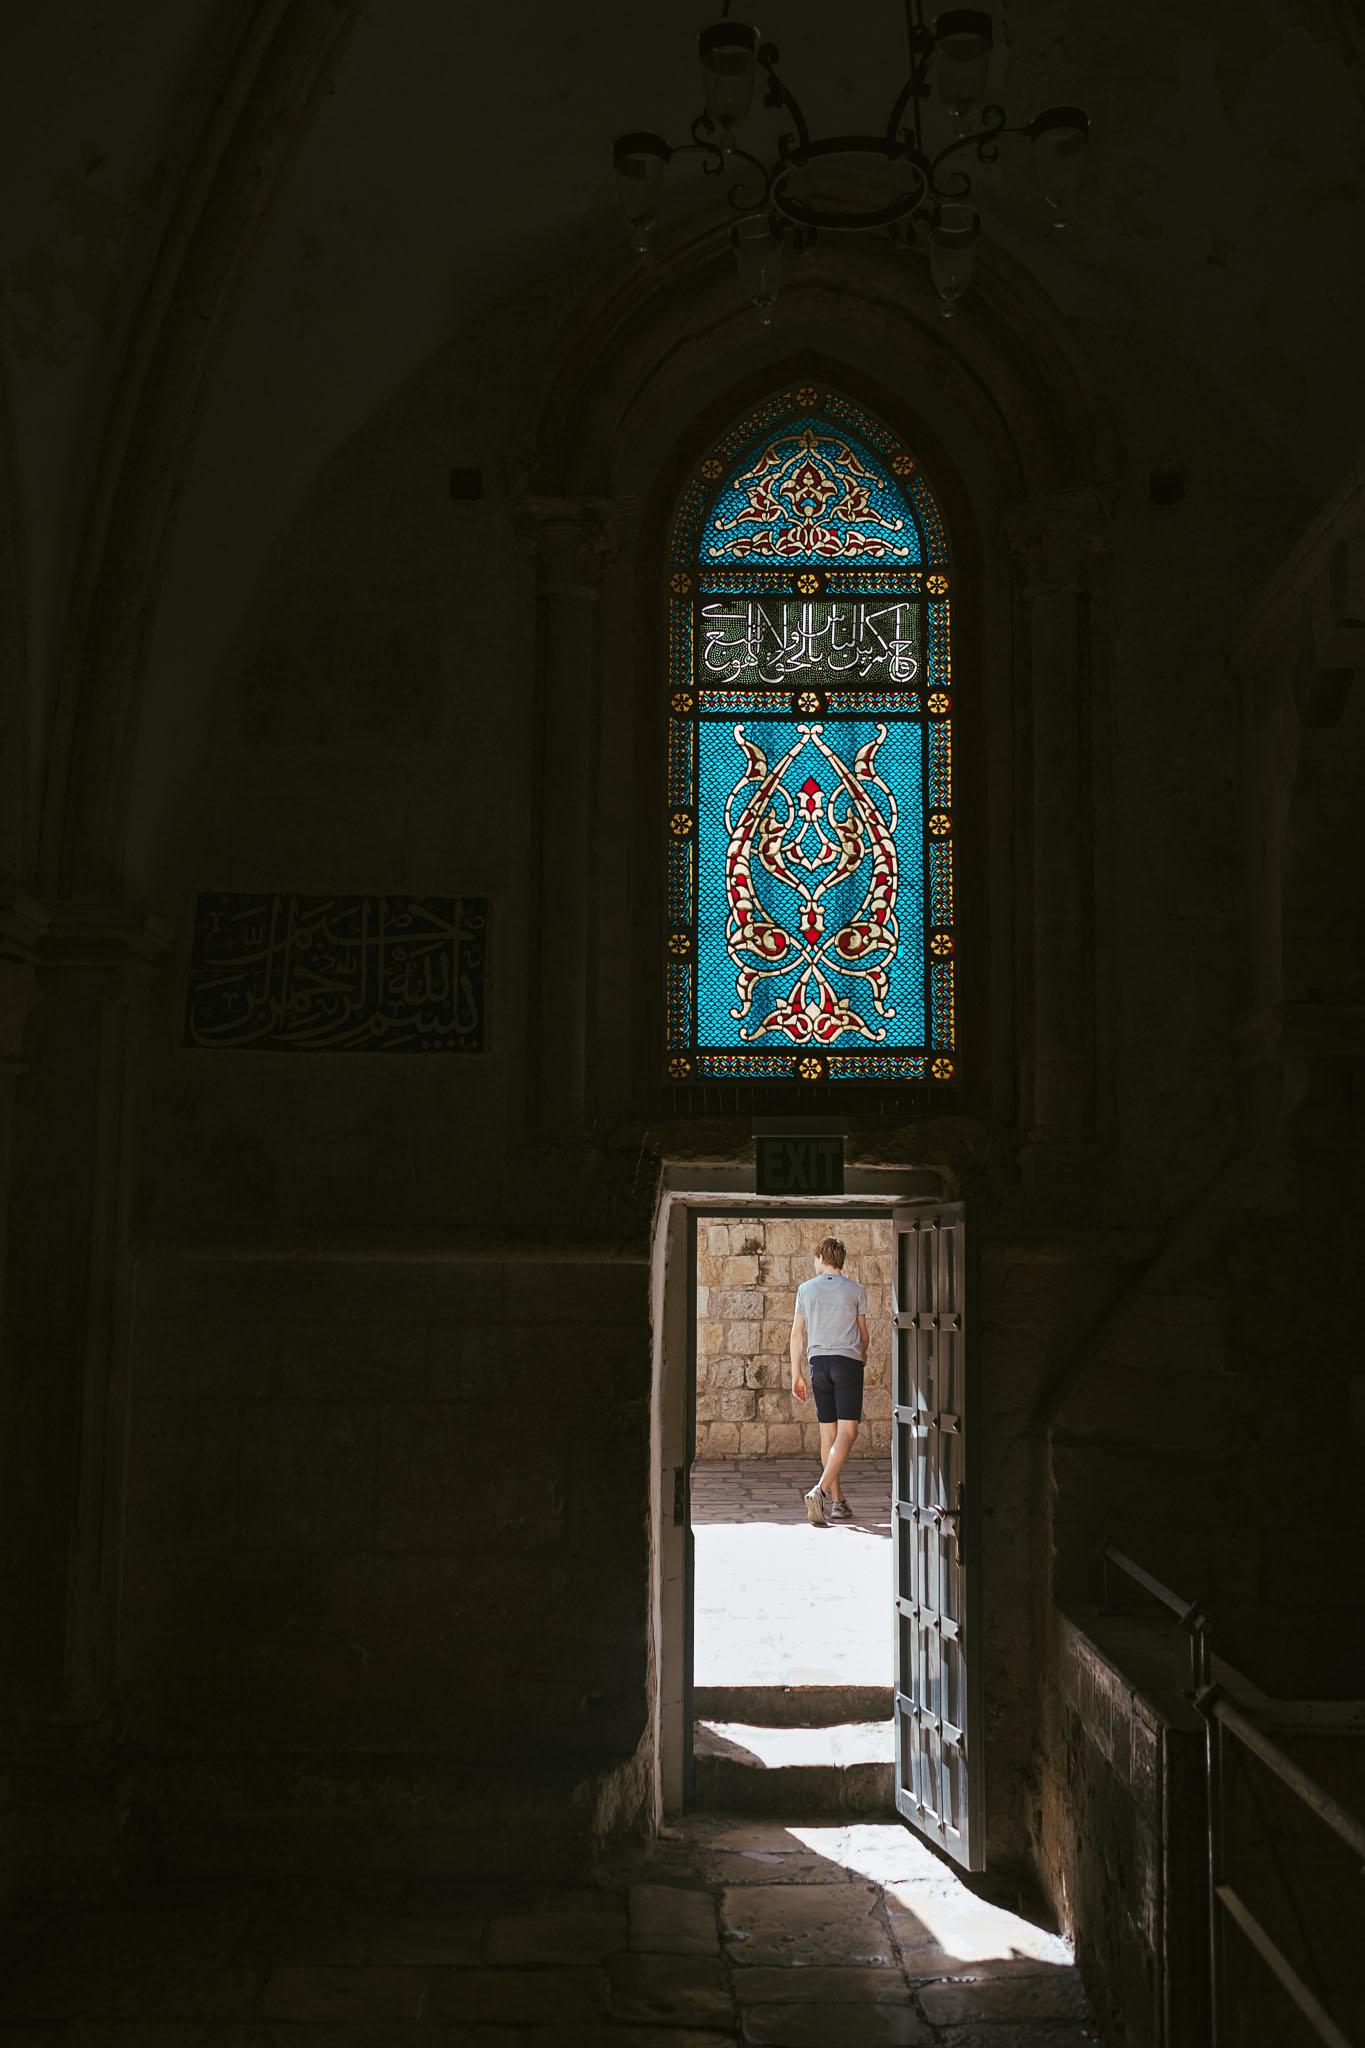 jerusalem - Israel - geschichten von unterwegs - Reiseblogger (505 von 9)